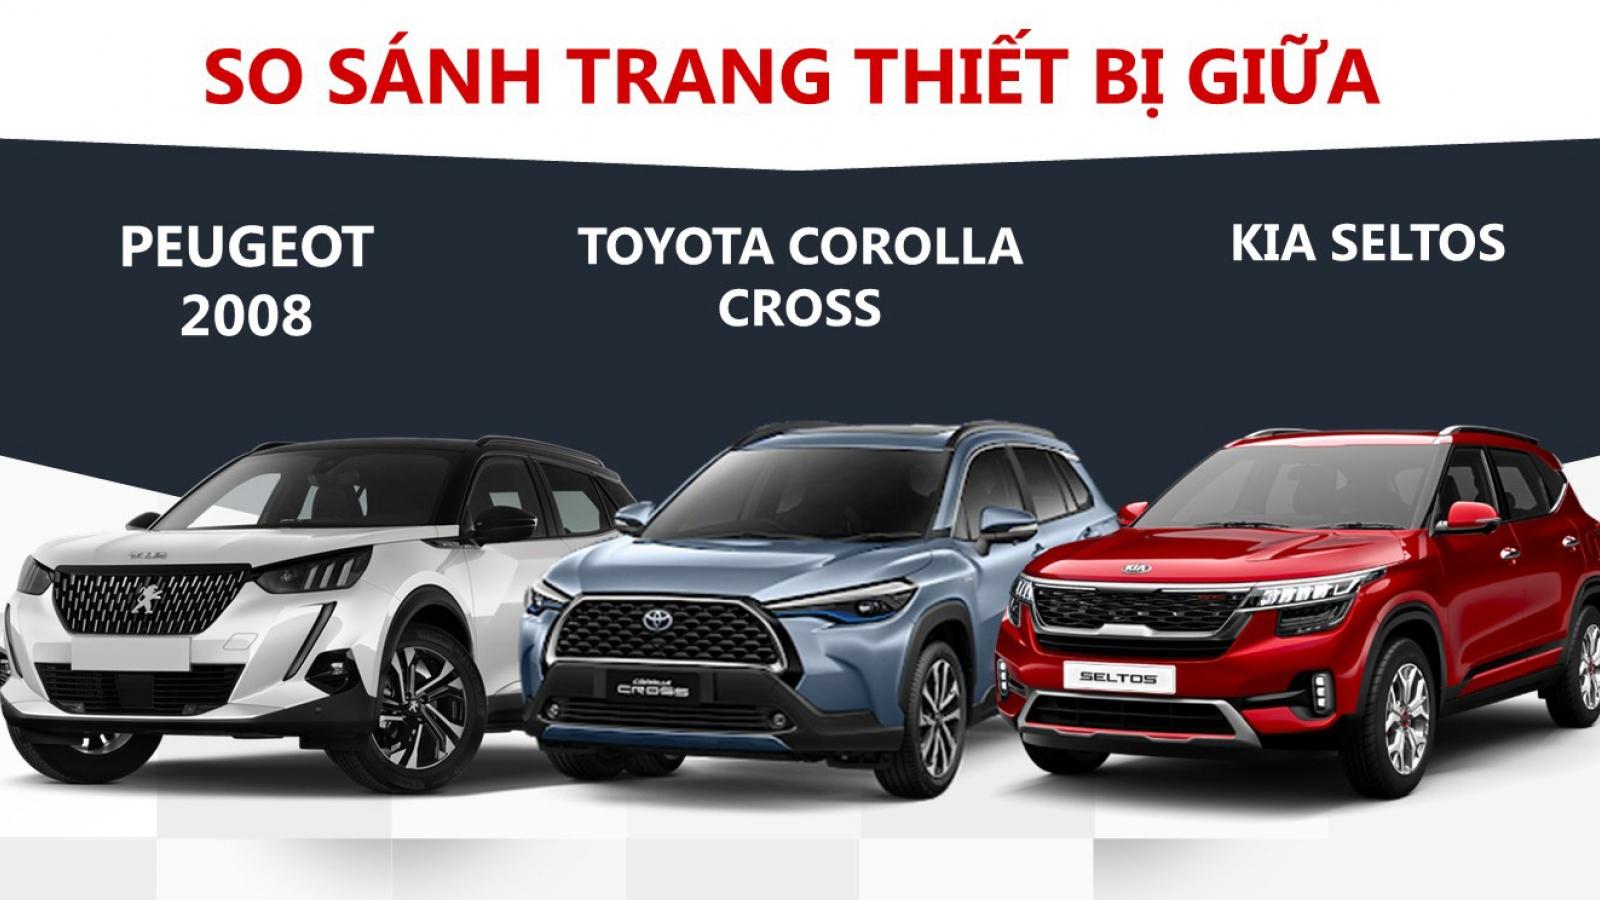 So sánh trang thiết bị của Peugeot 2008, Toyota Corolla Cross và Kia Seltos